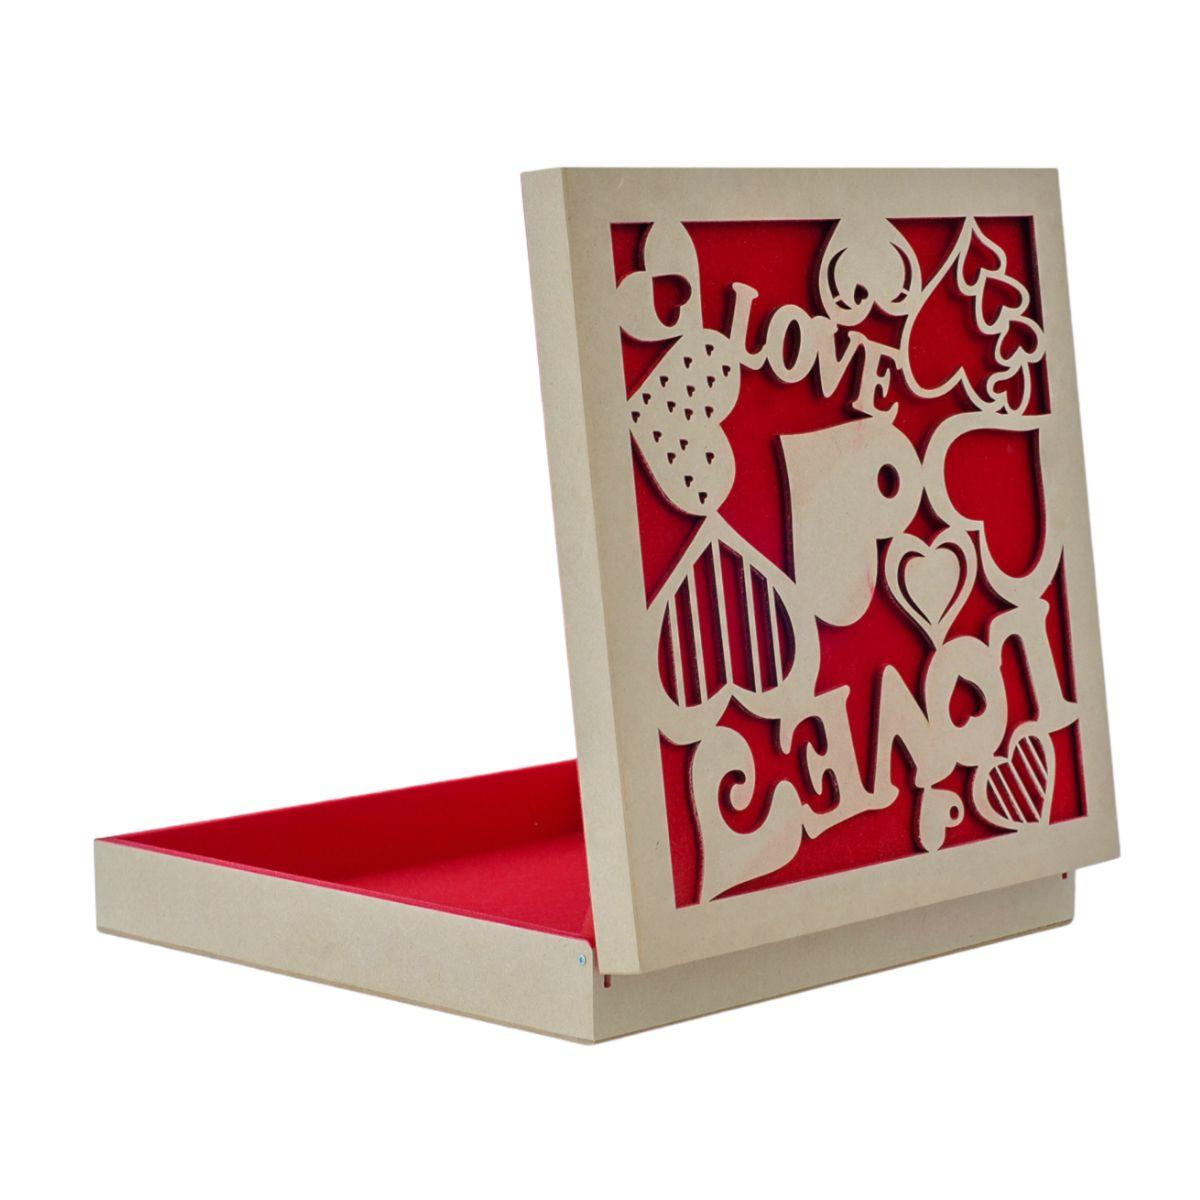 Caixa MDF Flocada Vermelha Com Dobradiça Dia dos Namorados